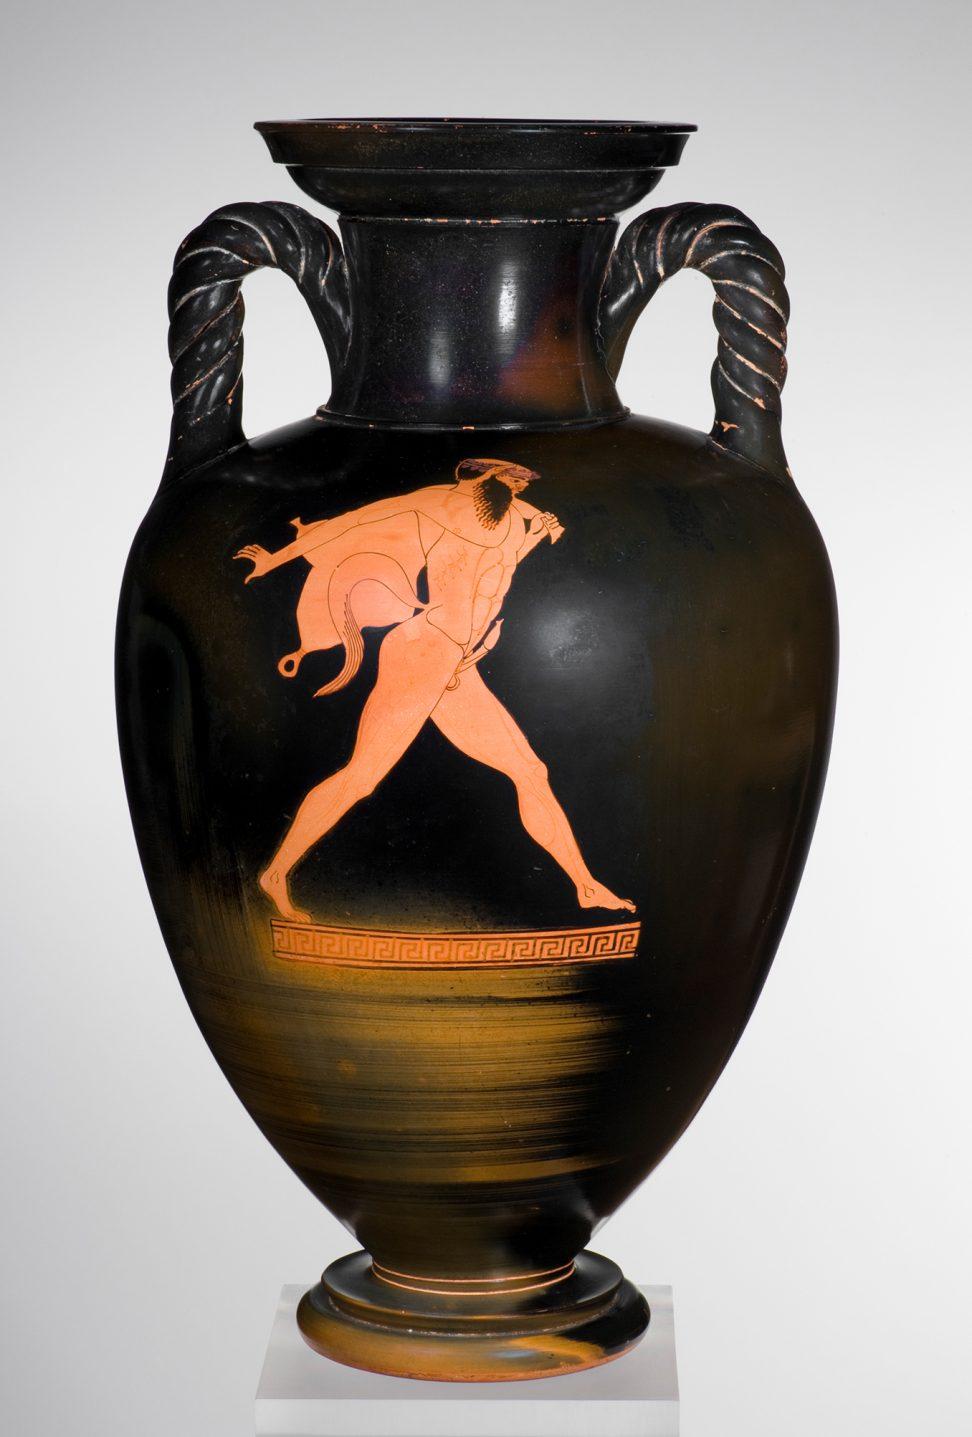 Attributed to the Berlin Painter, Greek, Attic, fl. ca. 500-ca. 460 B.C. Red figure Neck-Amphora with Twisted Handles, ca. 480 B.C. Satyr Running with Wineskin. Staatliche Antikensammlungen und Glyptothek München (Inv. 8766)